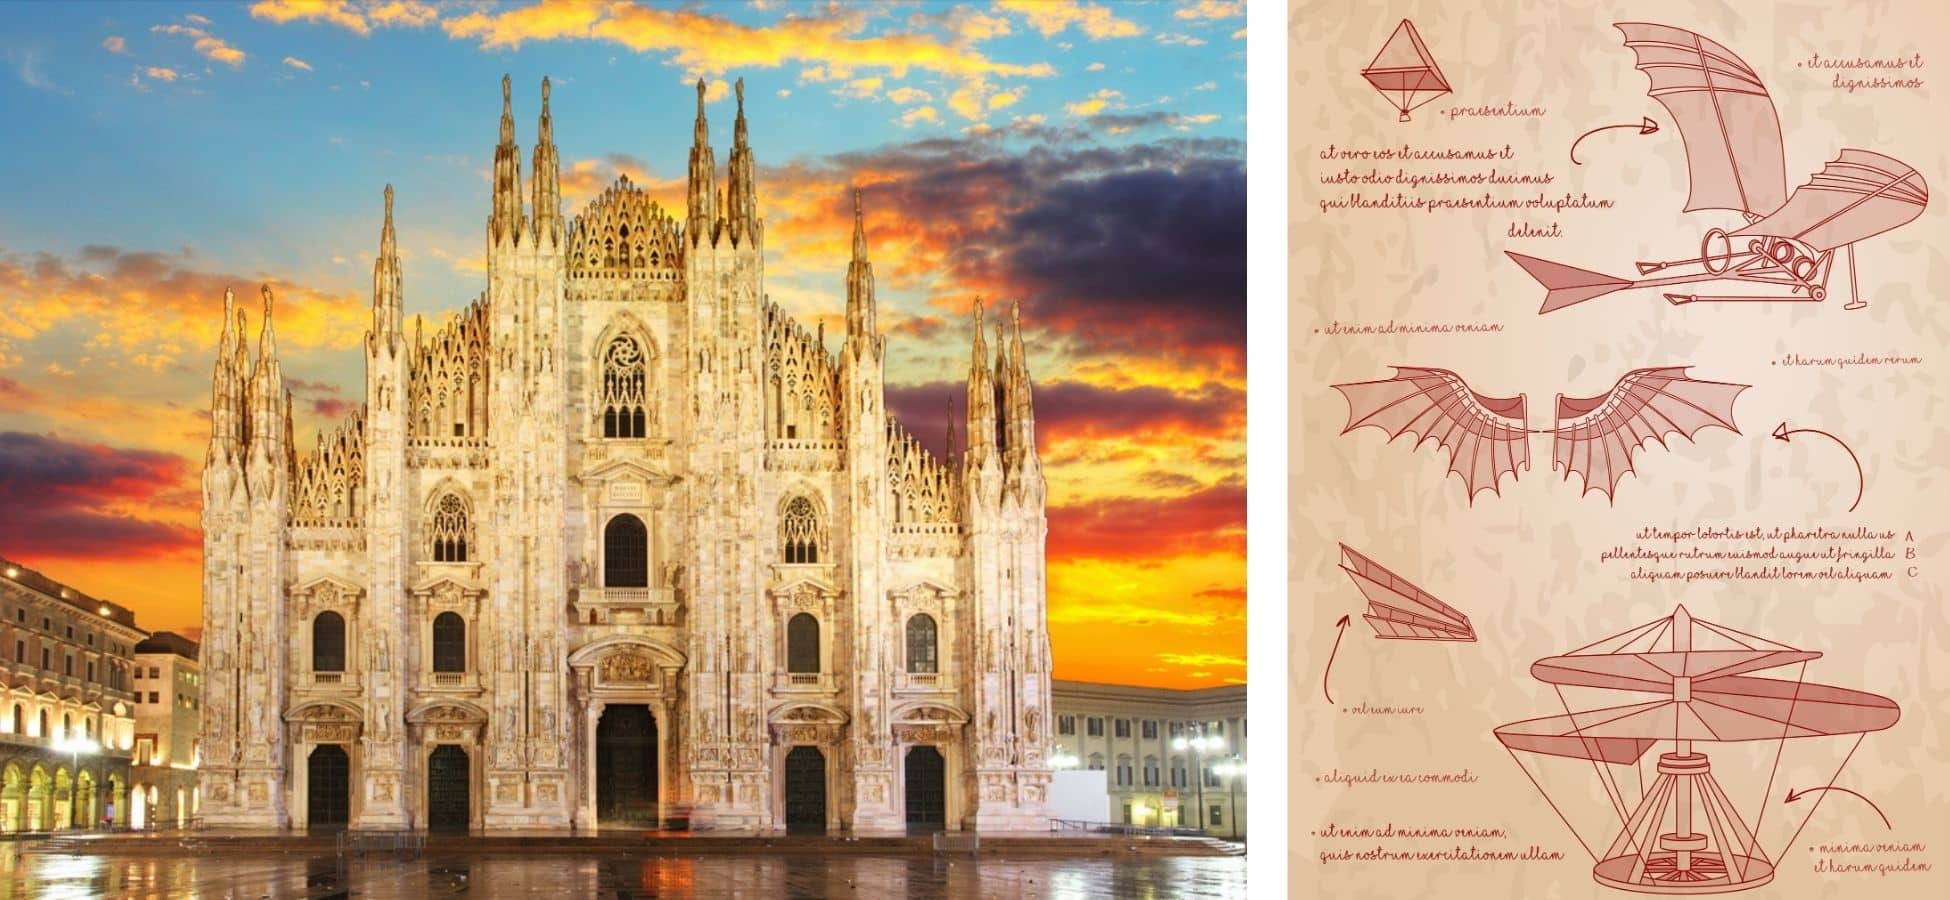 Léonard de Vinci, Italie